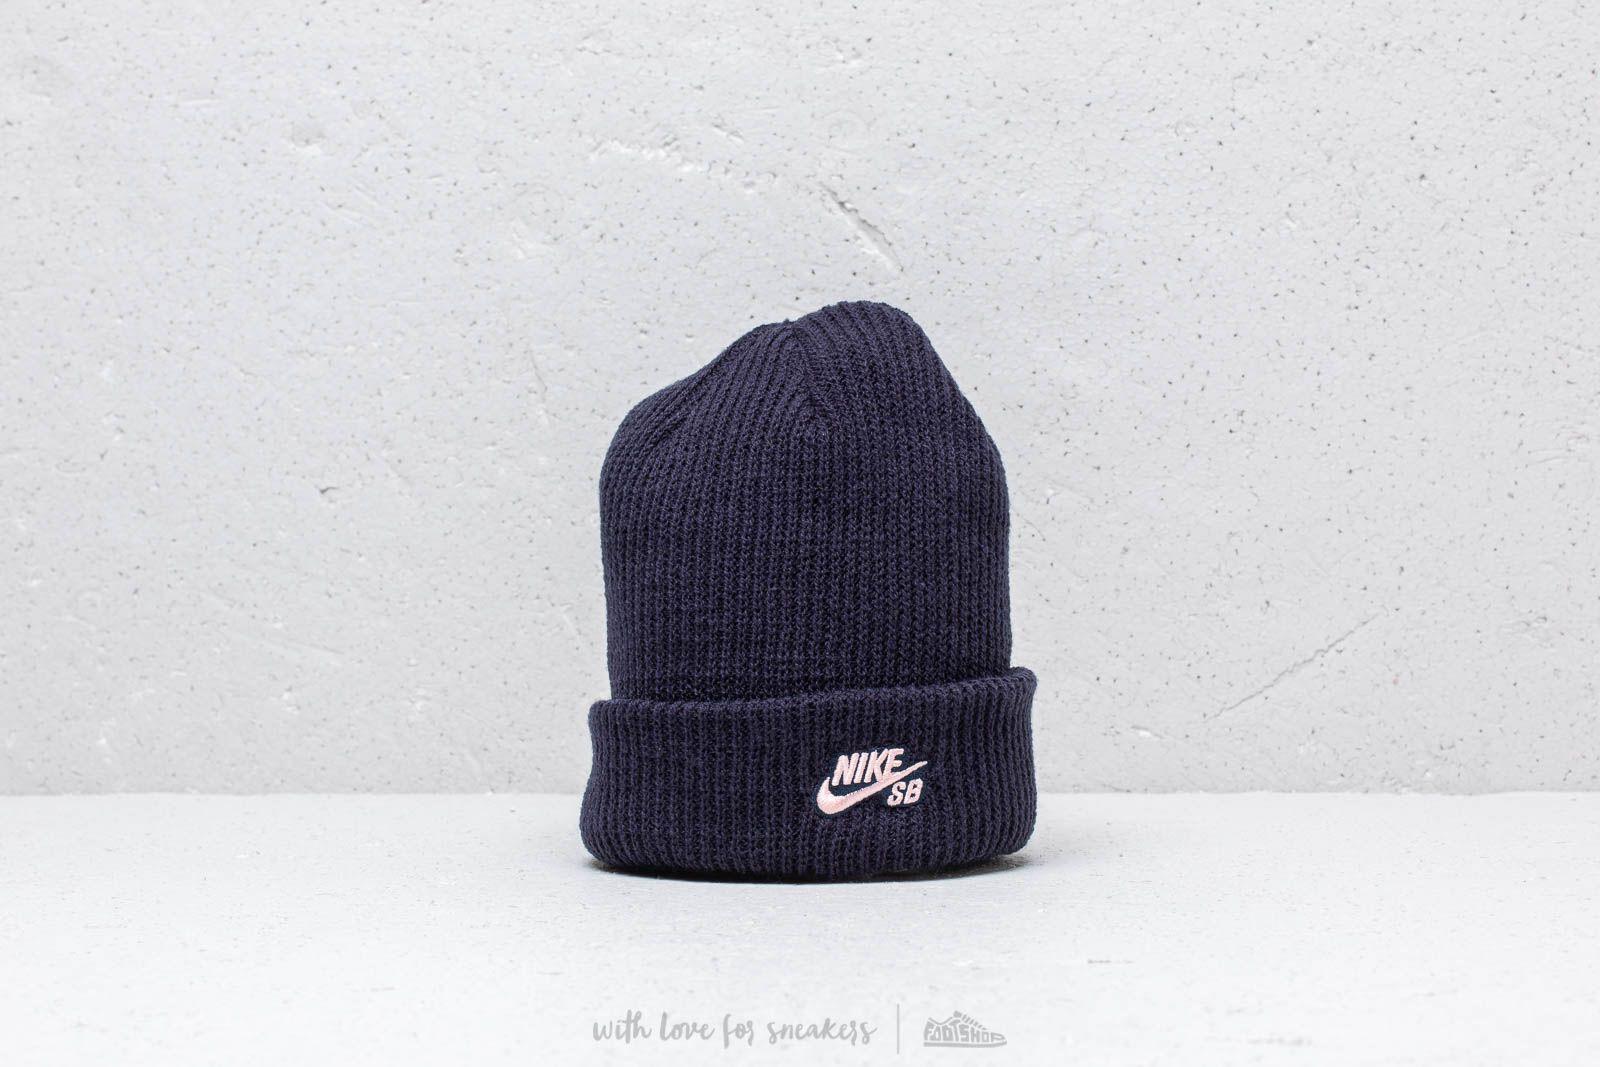 reputable site 99db5 a383d Nike SB Fisherman Knit Hat. Obsidian  Storm Pink